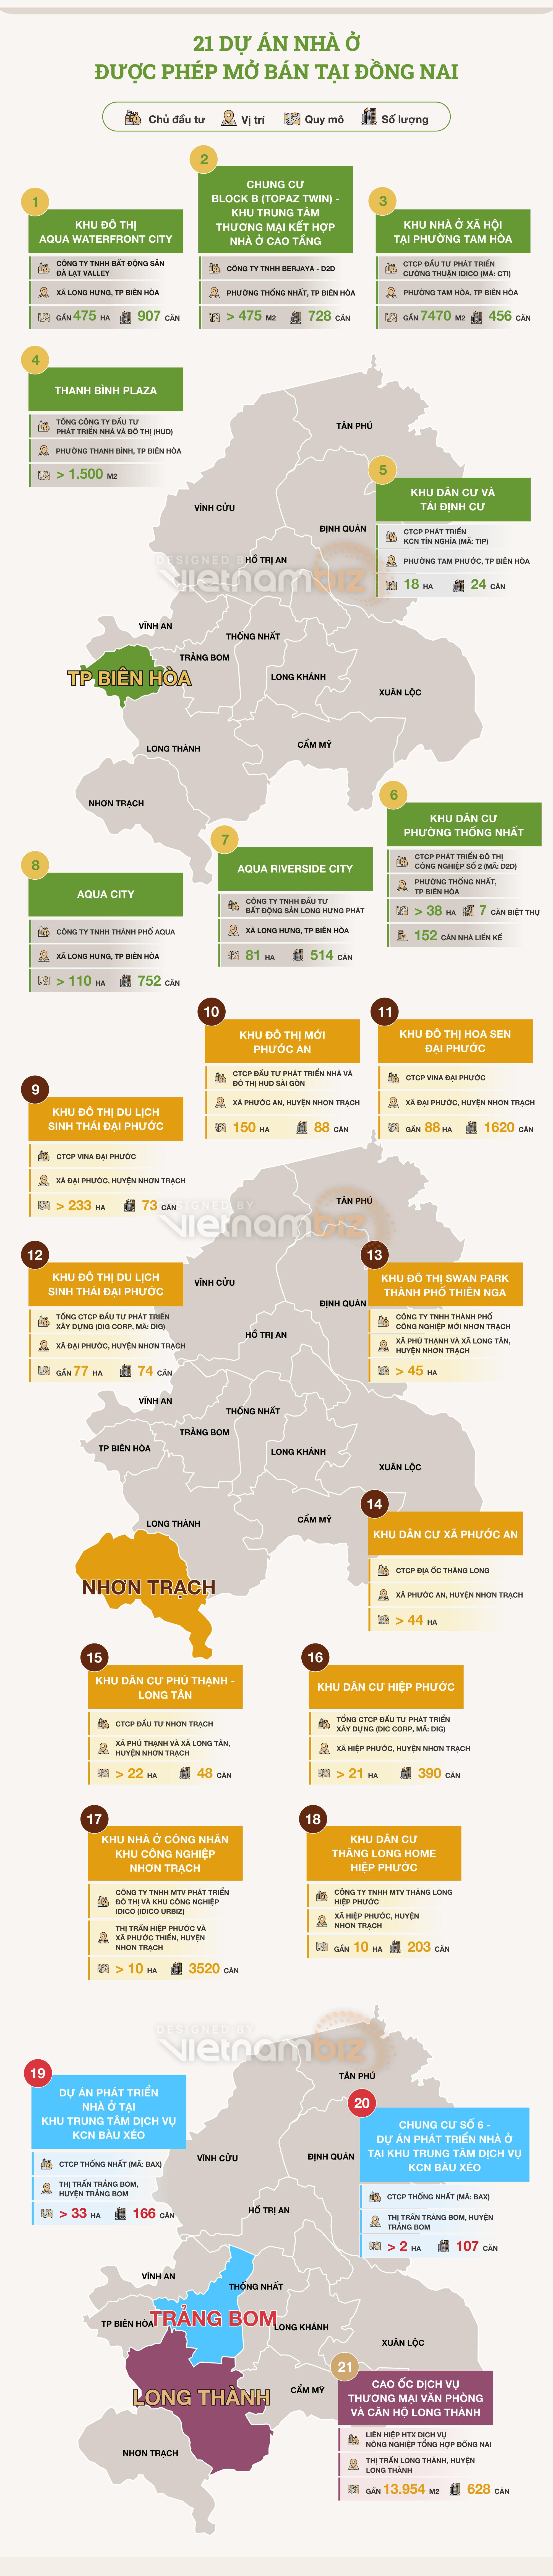 [Infographic] 21 dự án nhà ở được phép mở bán tại Đồng Nai - Ảnh 1.